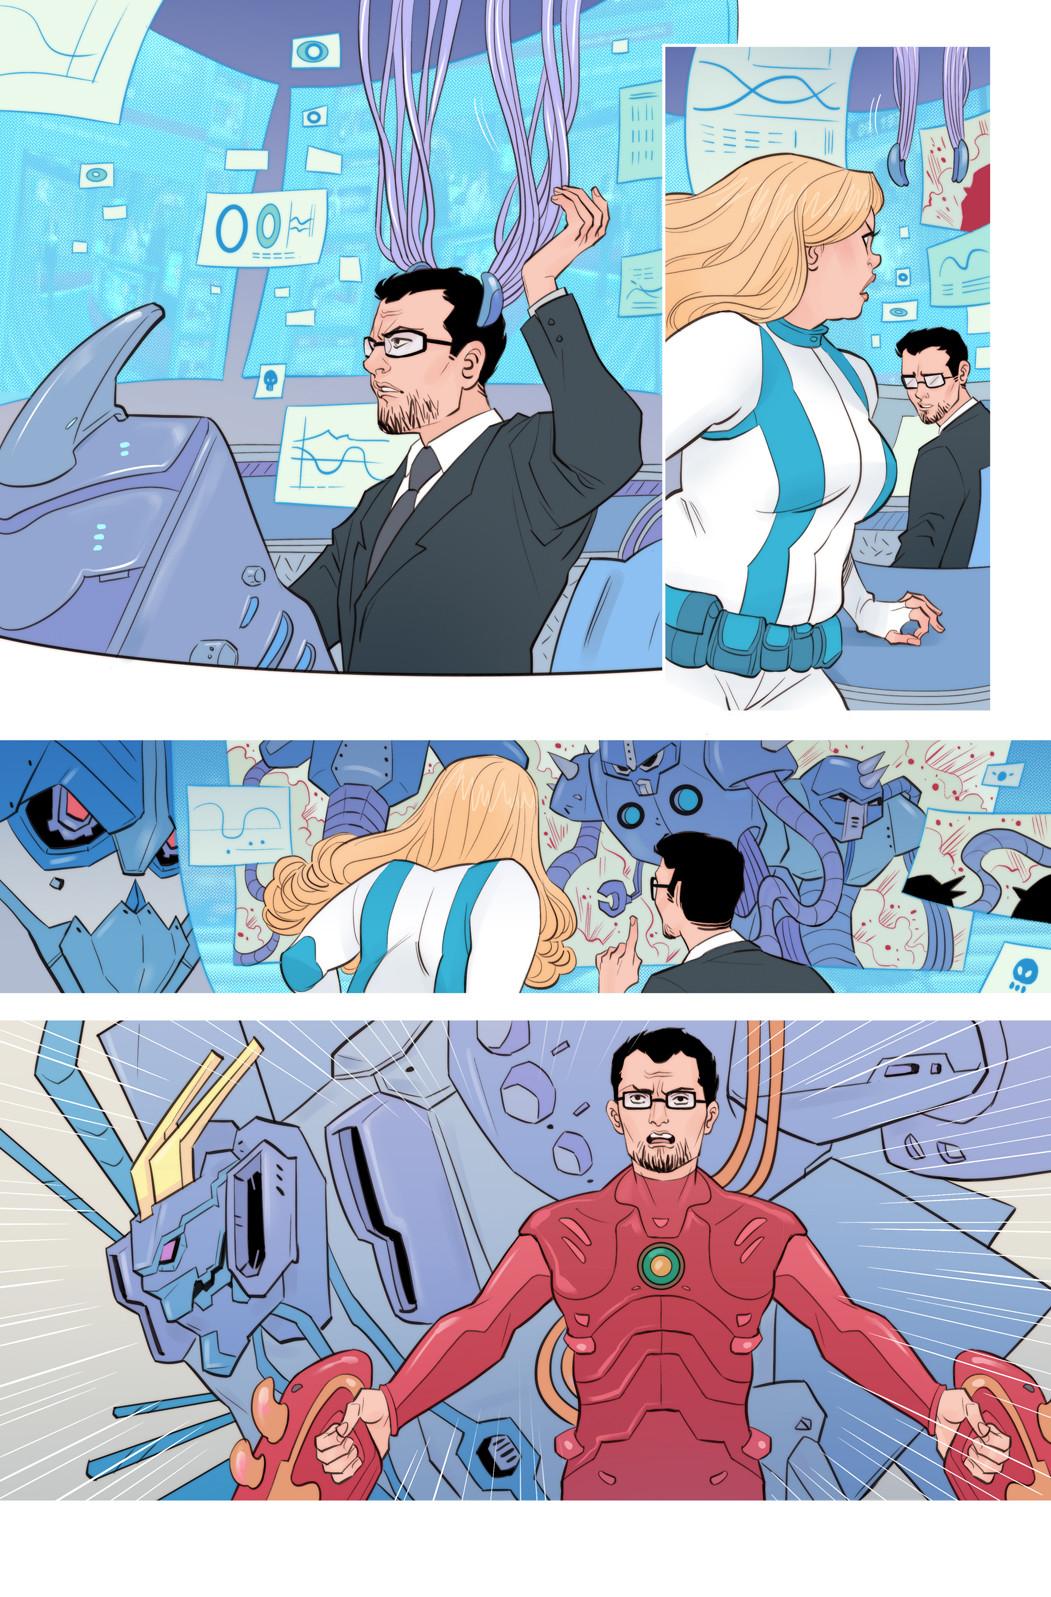 Faith #9 page - Faith's workmate geeky fantasy